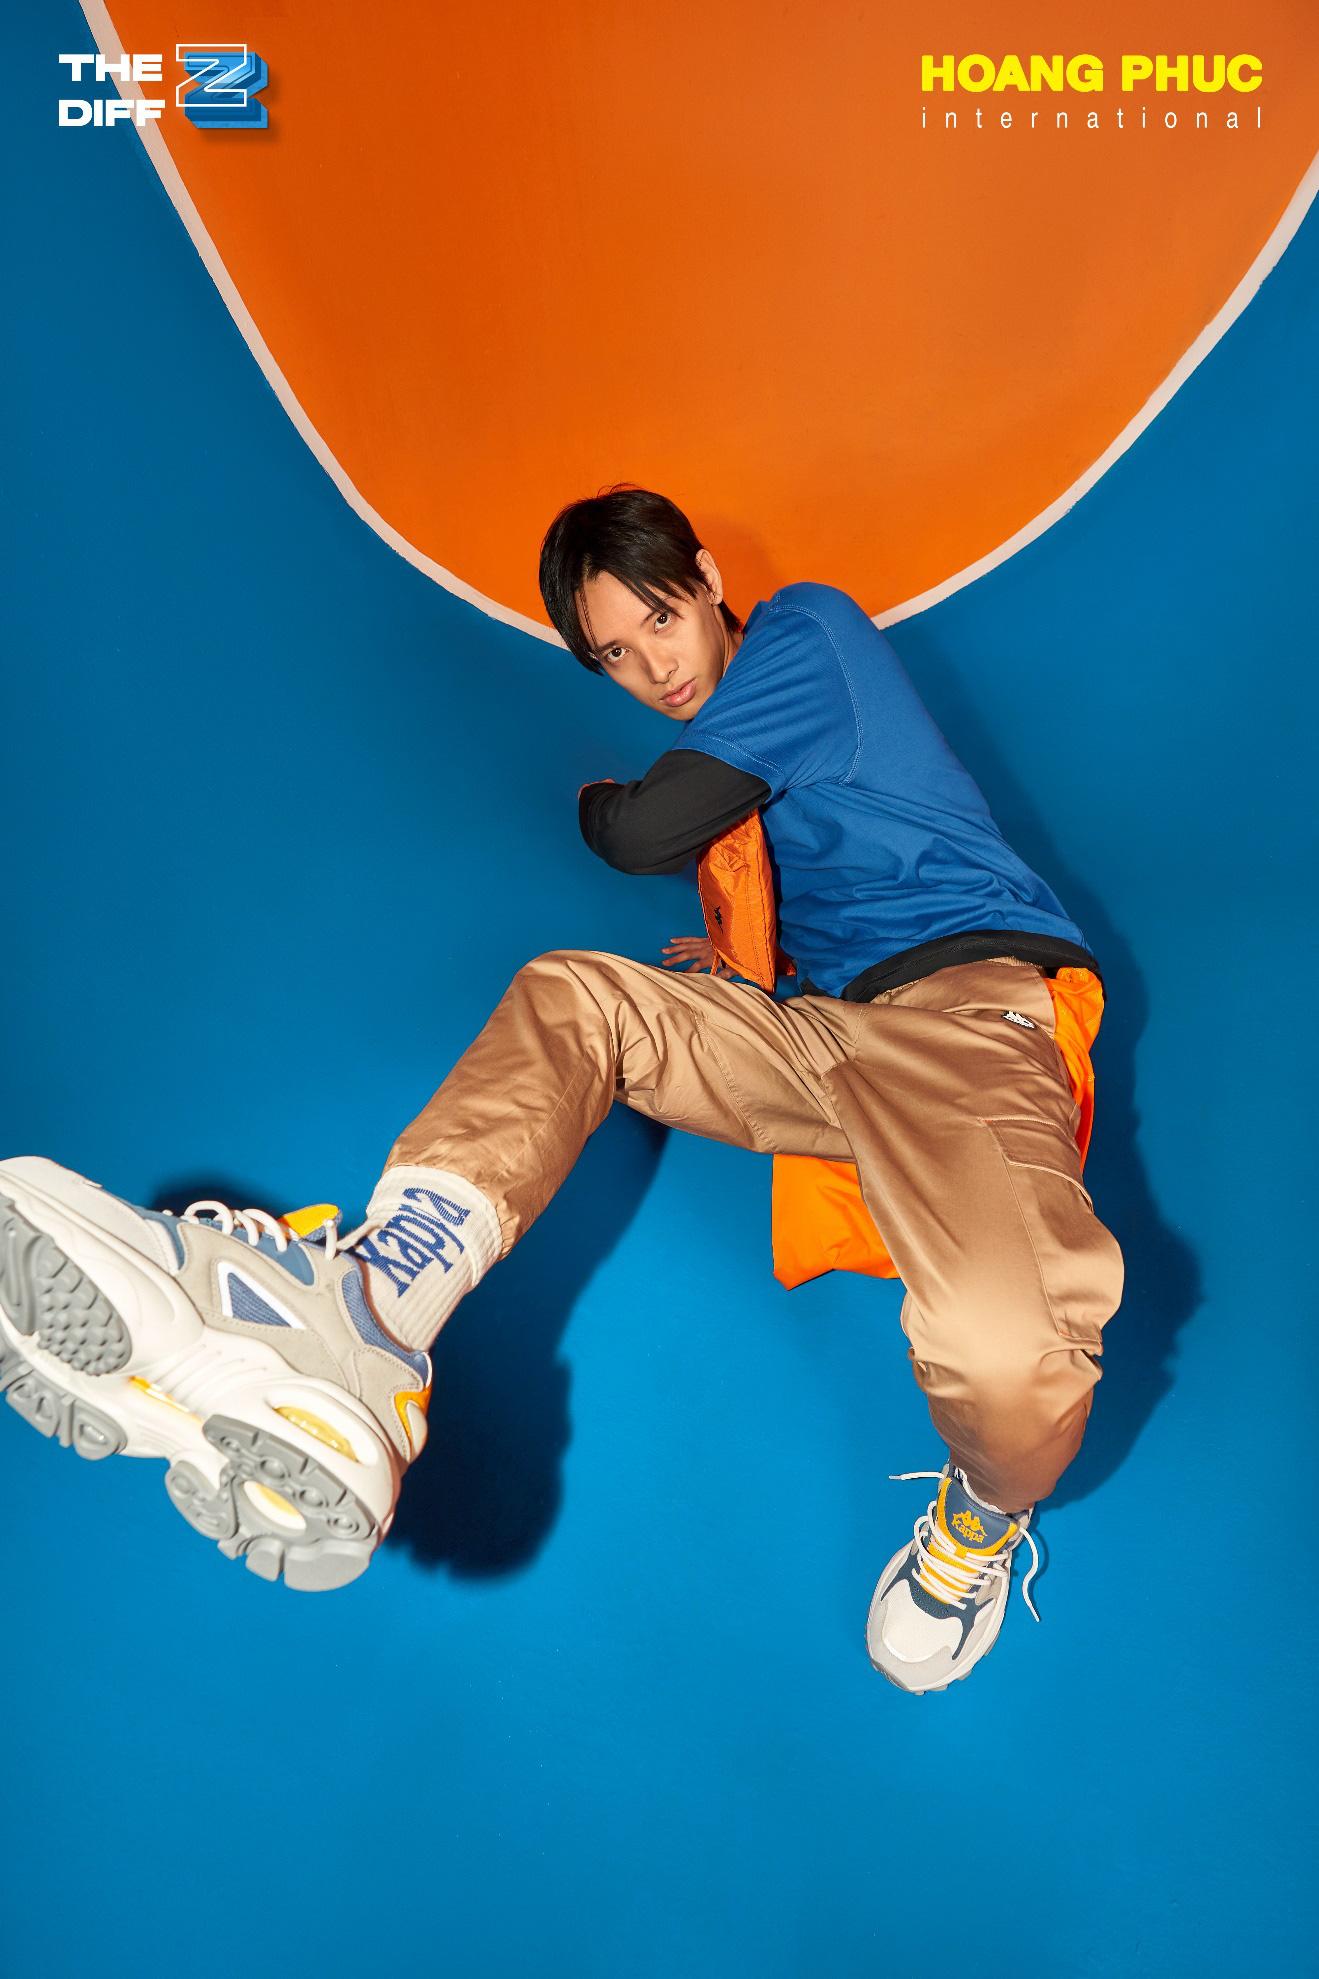 Tự tin và khác biệt cùng THE DIFF Z - Bộ ảnh thời trang Tết Tân Sửu 2021 từ HOANG PHUC International hợp tác cùng stylist của Binz - Ảnh 6.